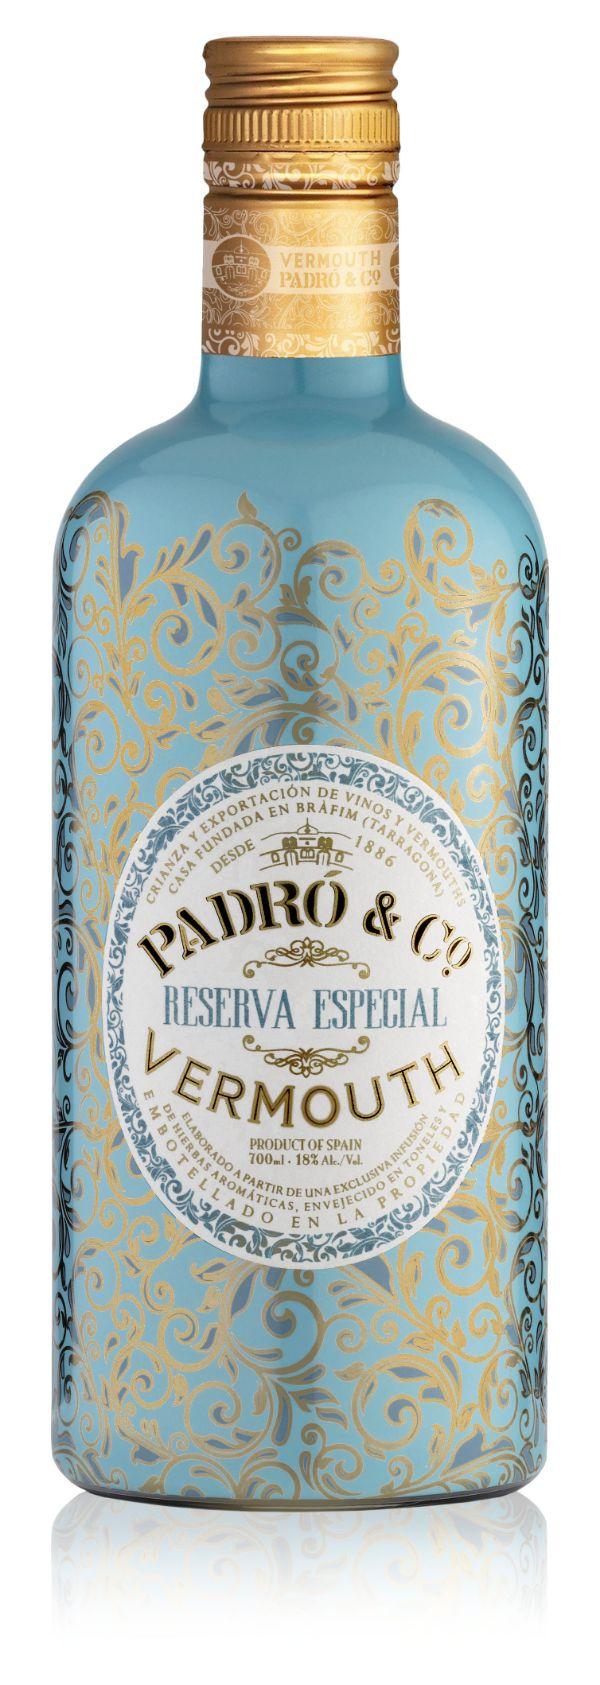 Padro & Co. Reserva Especial Vermouth